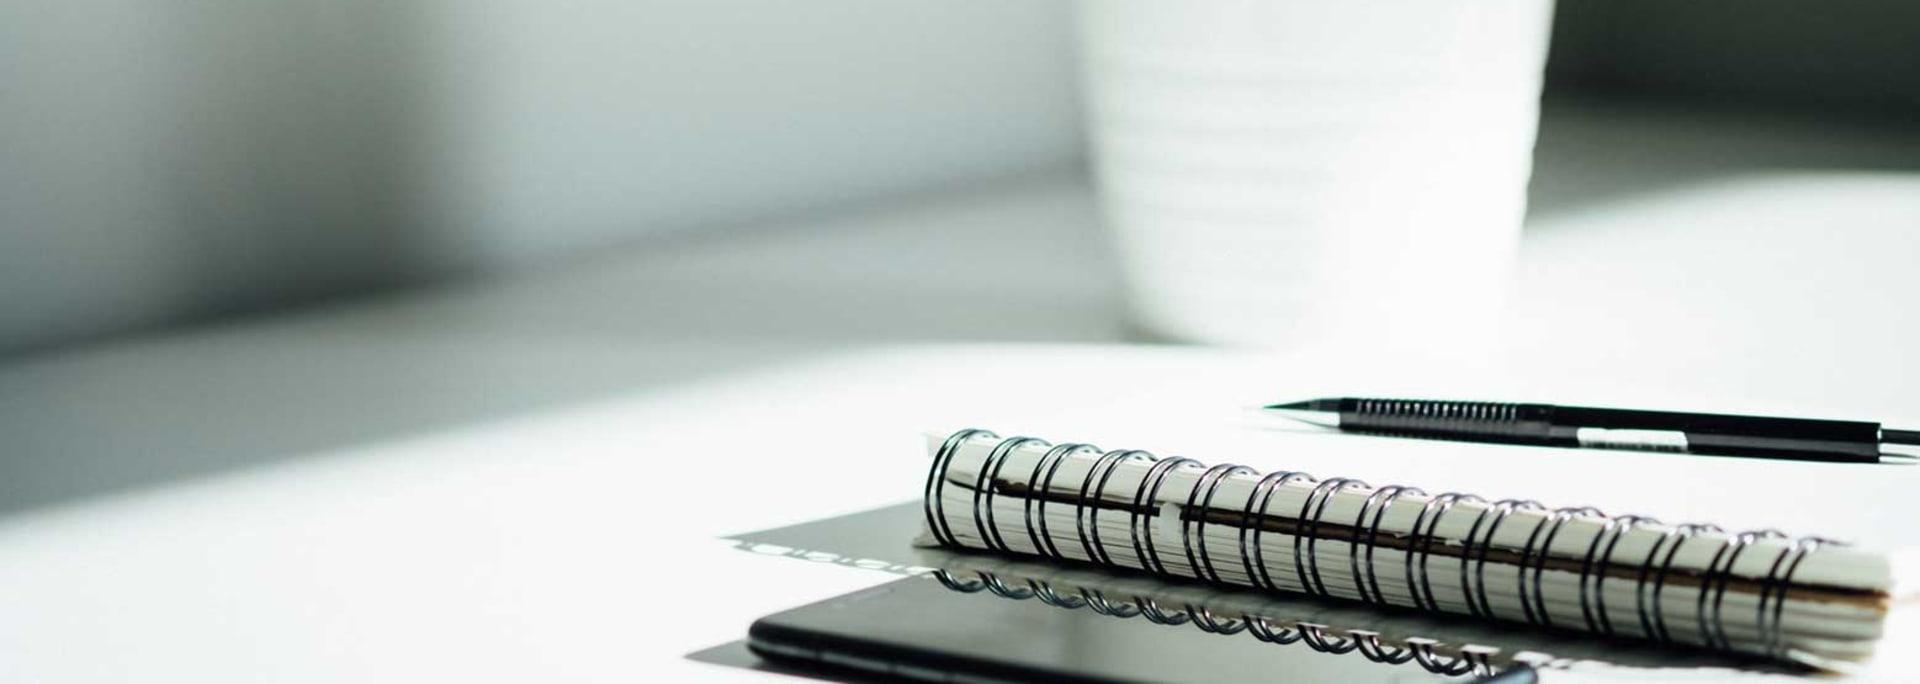 Penna och anteckningsblock